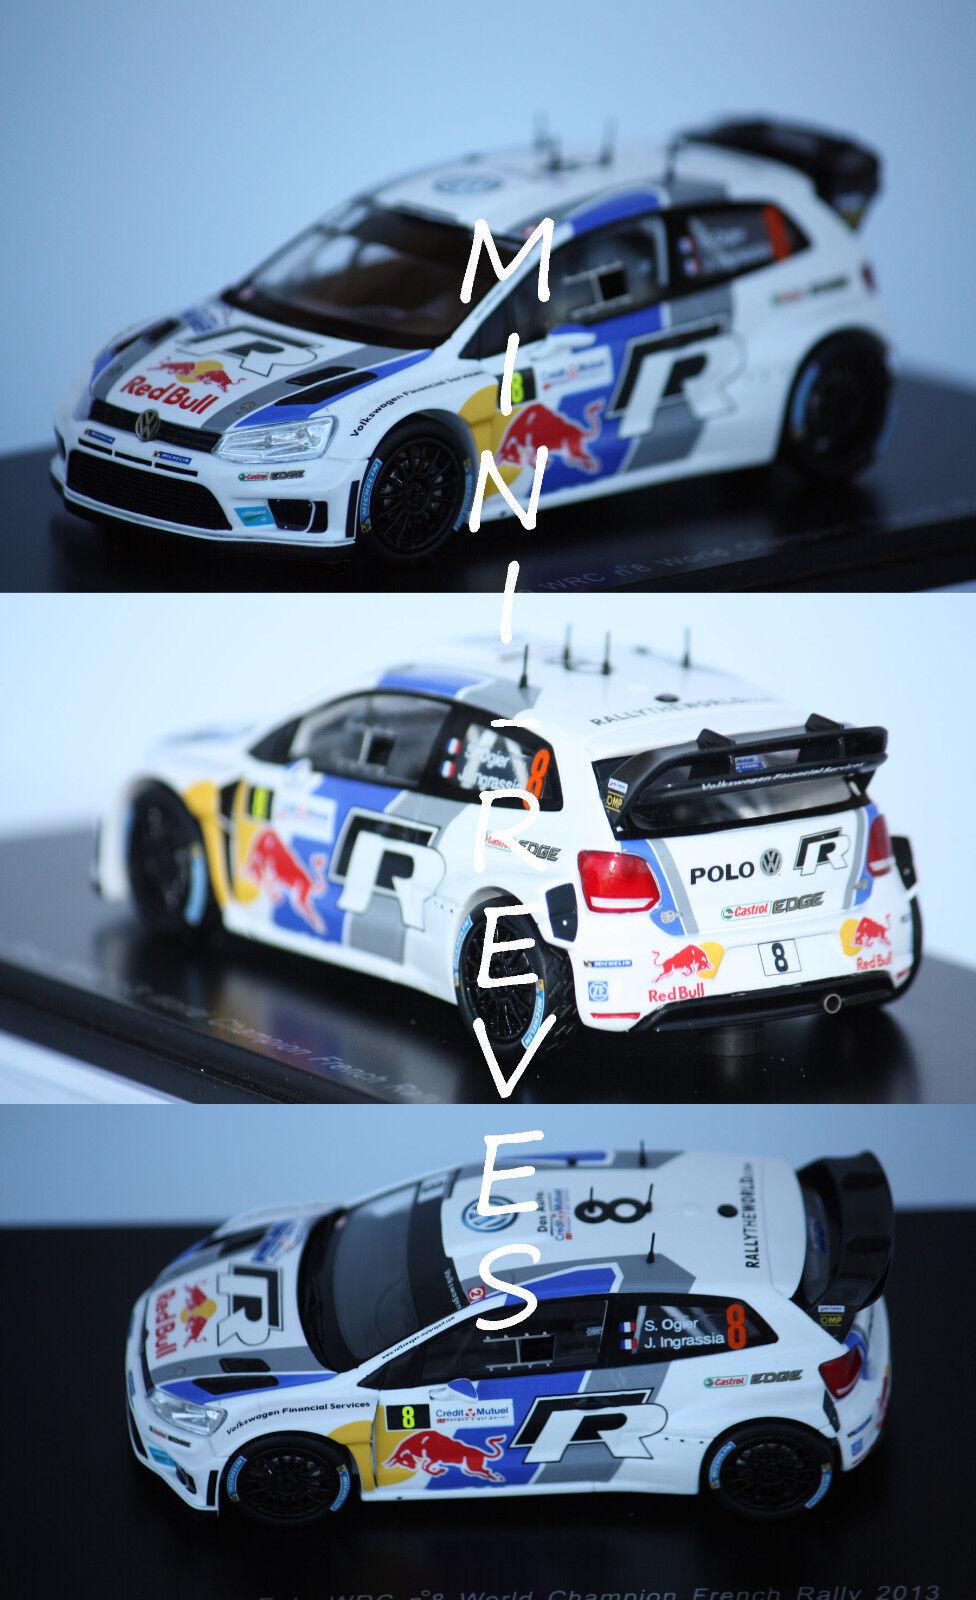 nueva marca Spark Volkswagen Polo WRC World World World Champ. 2013 S. Ogier 1 43 S3314  envío rápido en todo el mundo